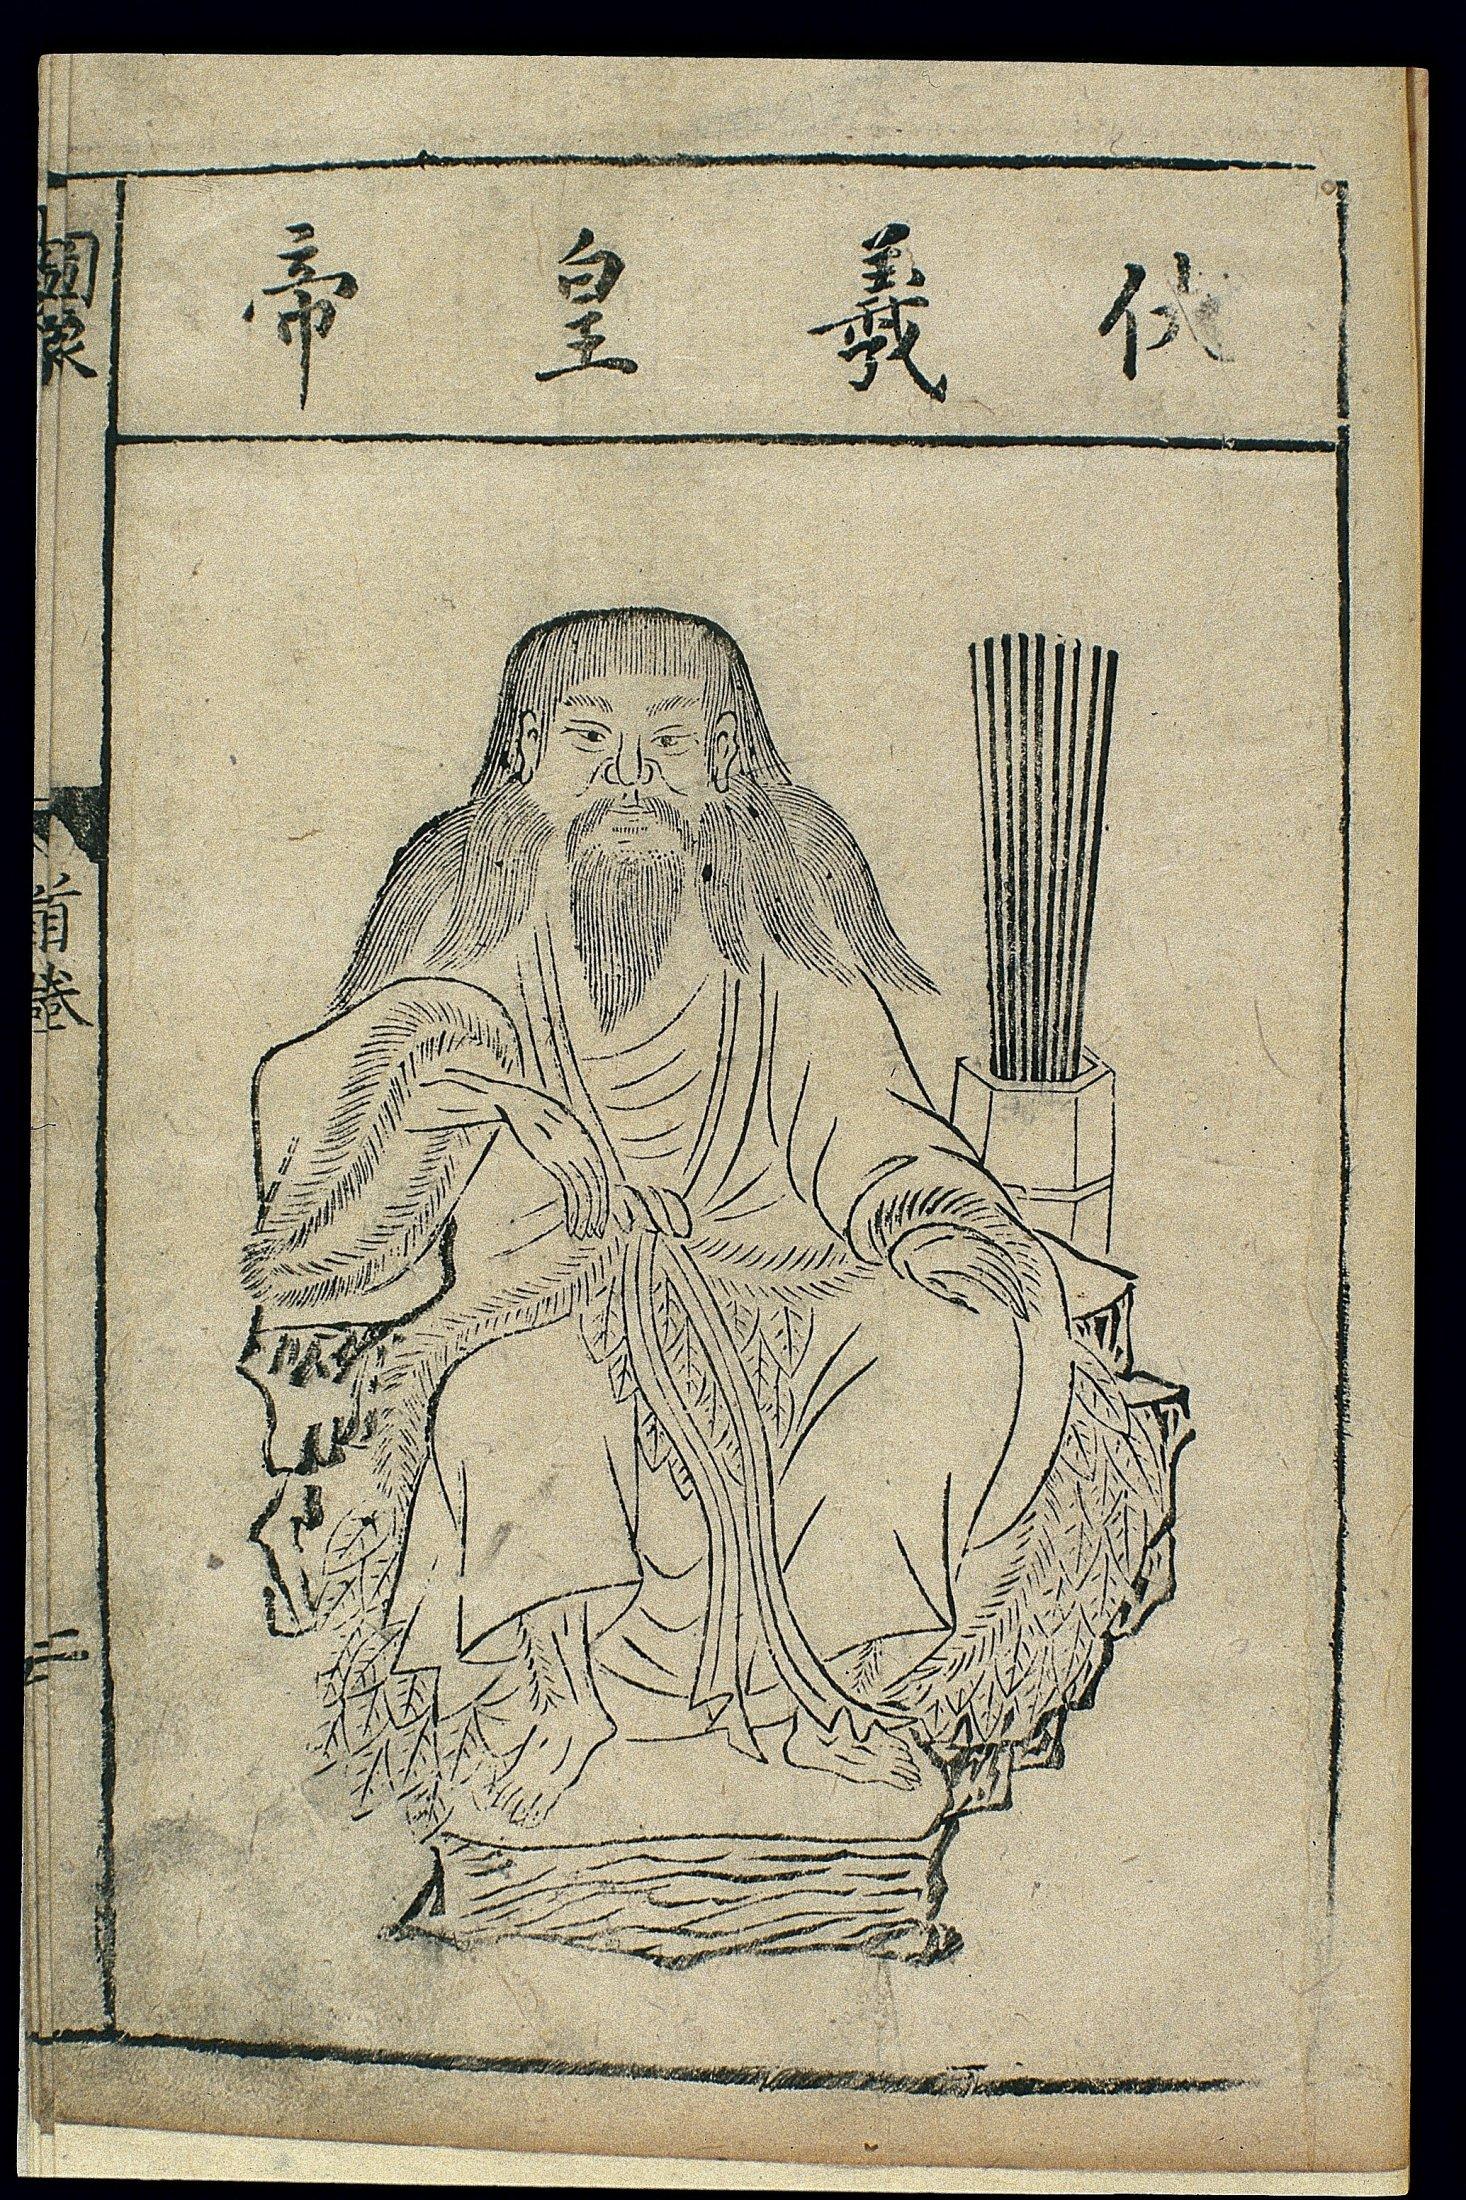 Emperor Fuxi